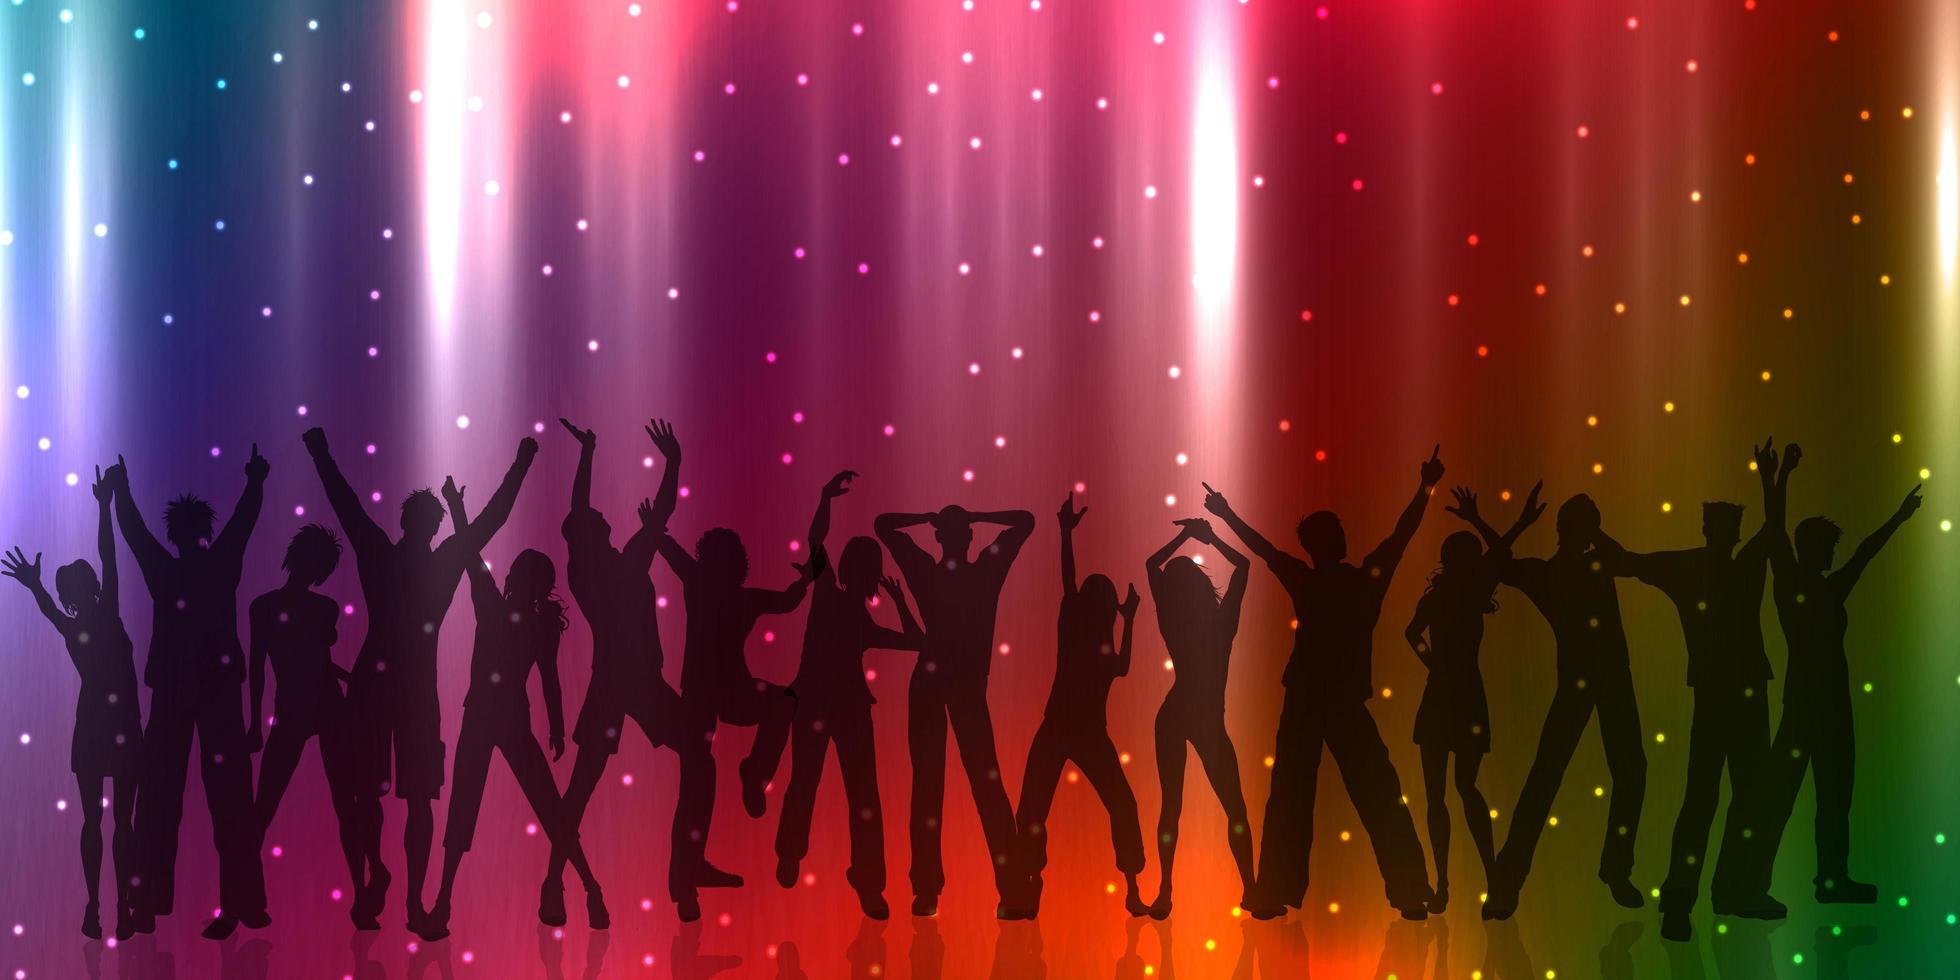 fest människor banner design vektor